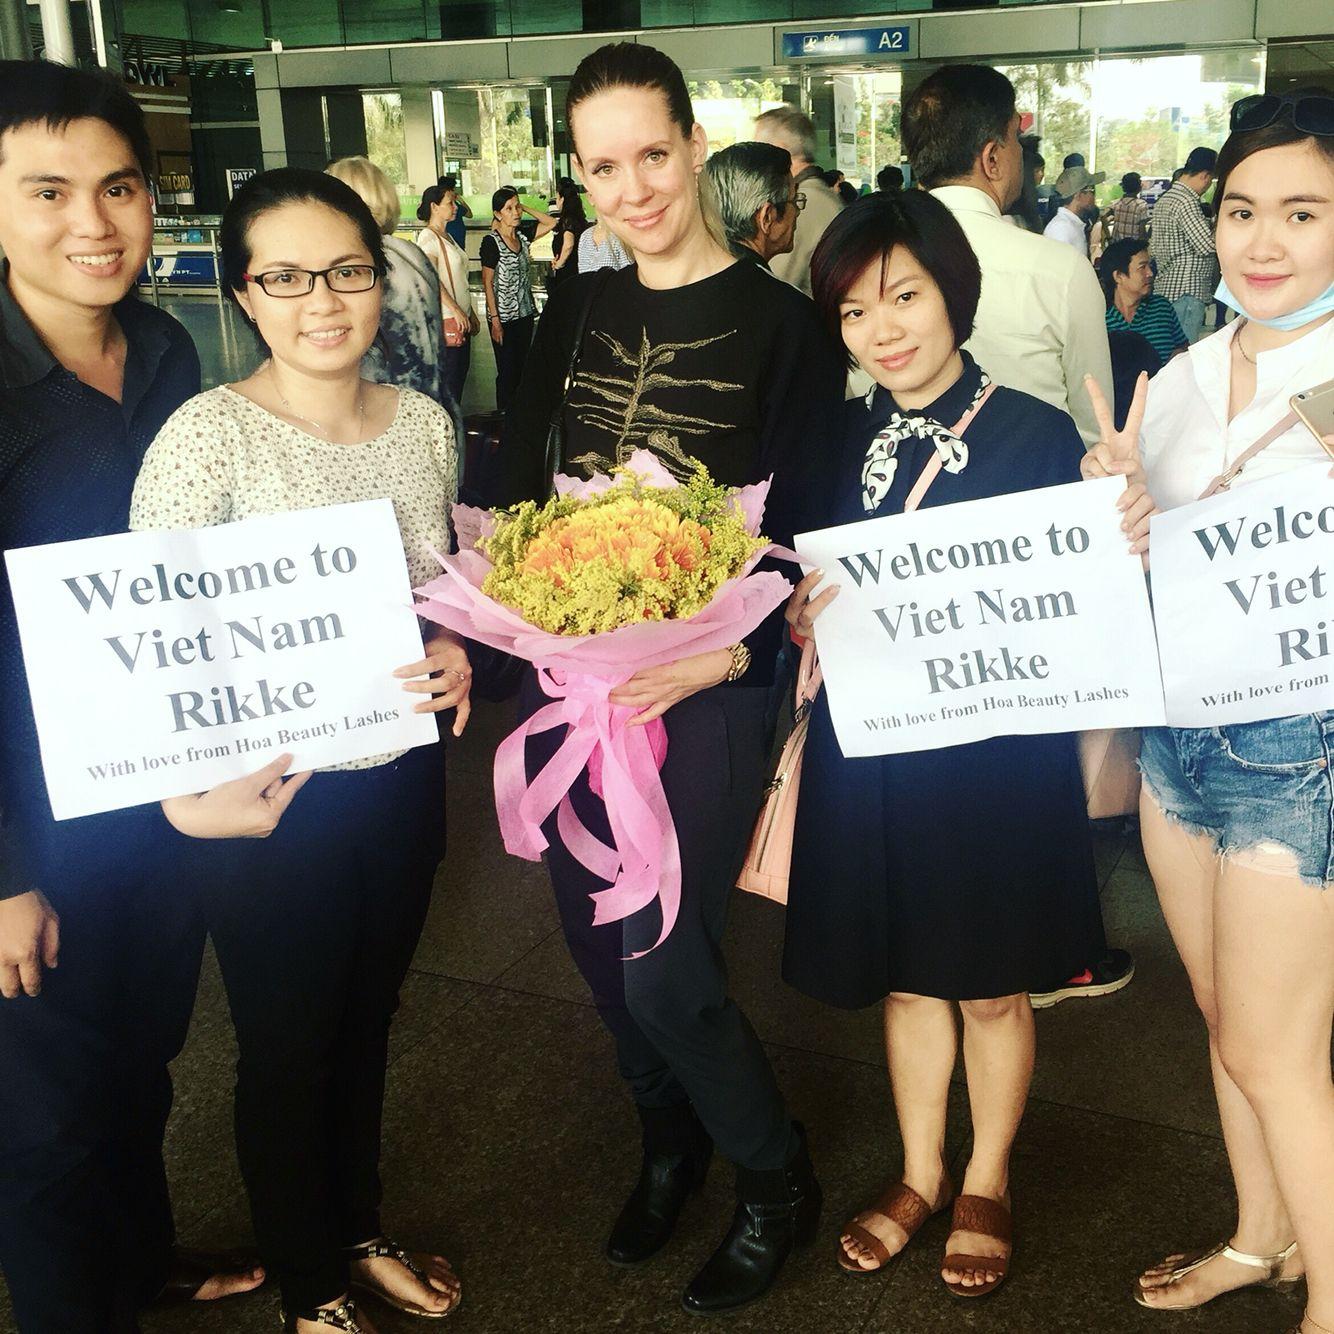 at Ho Chi Minh airport, Vietnam